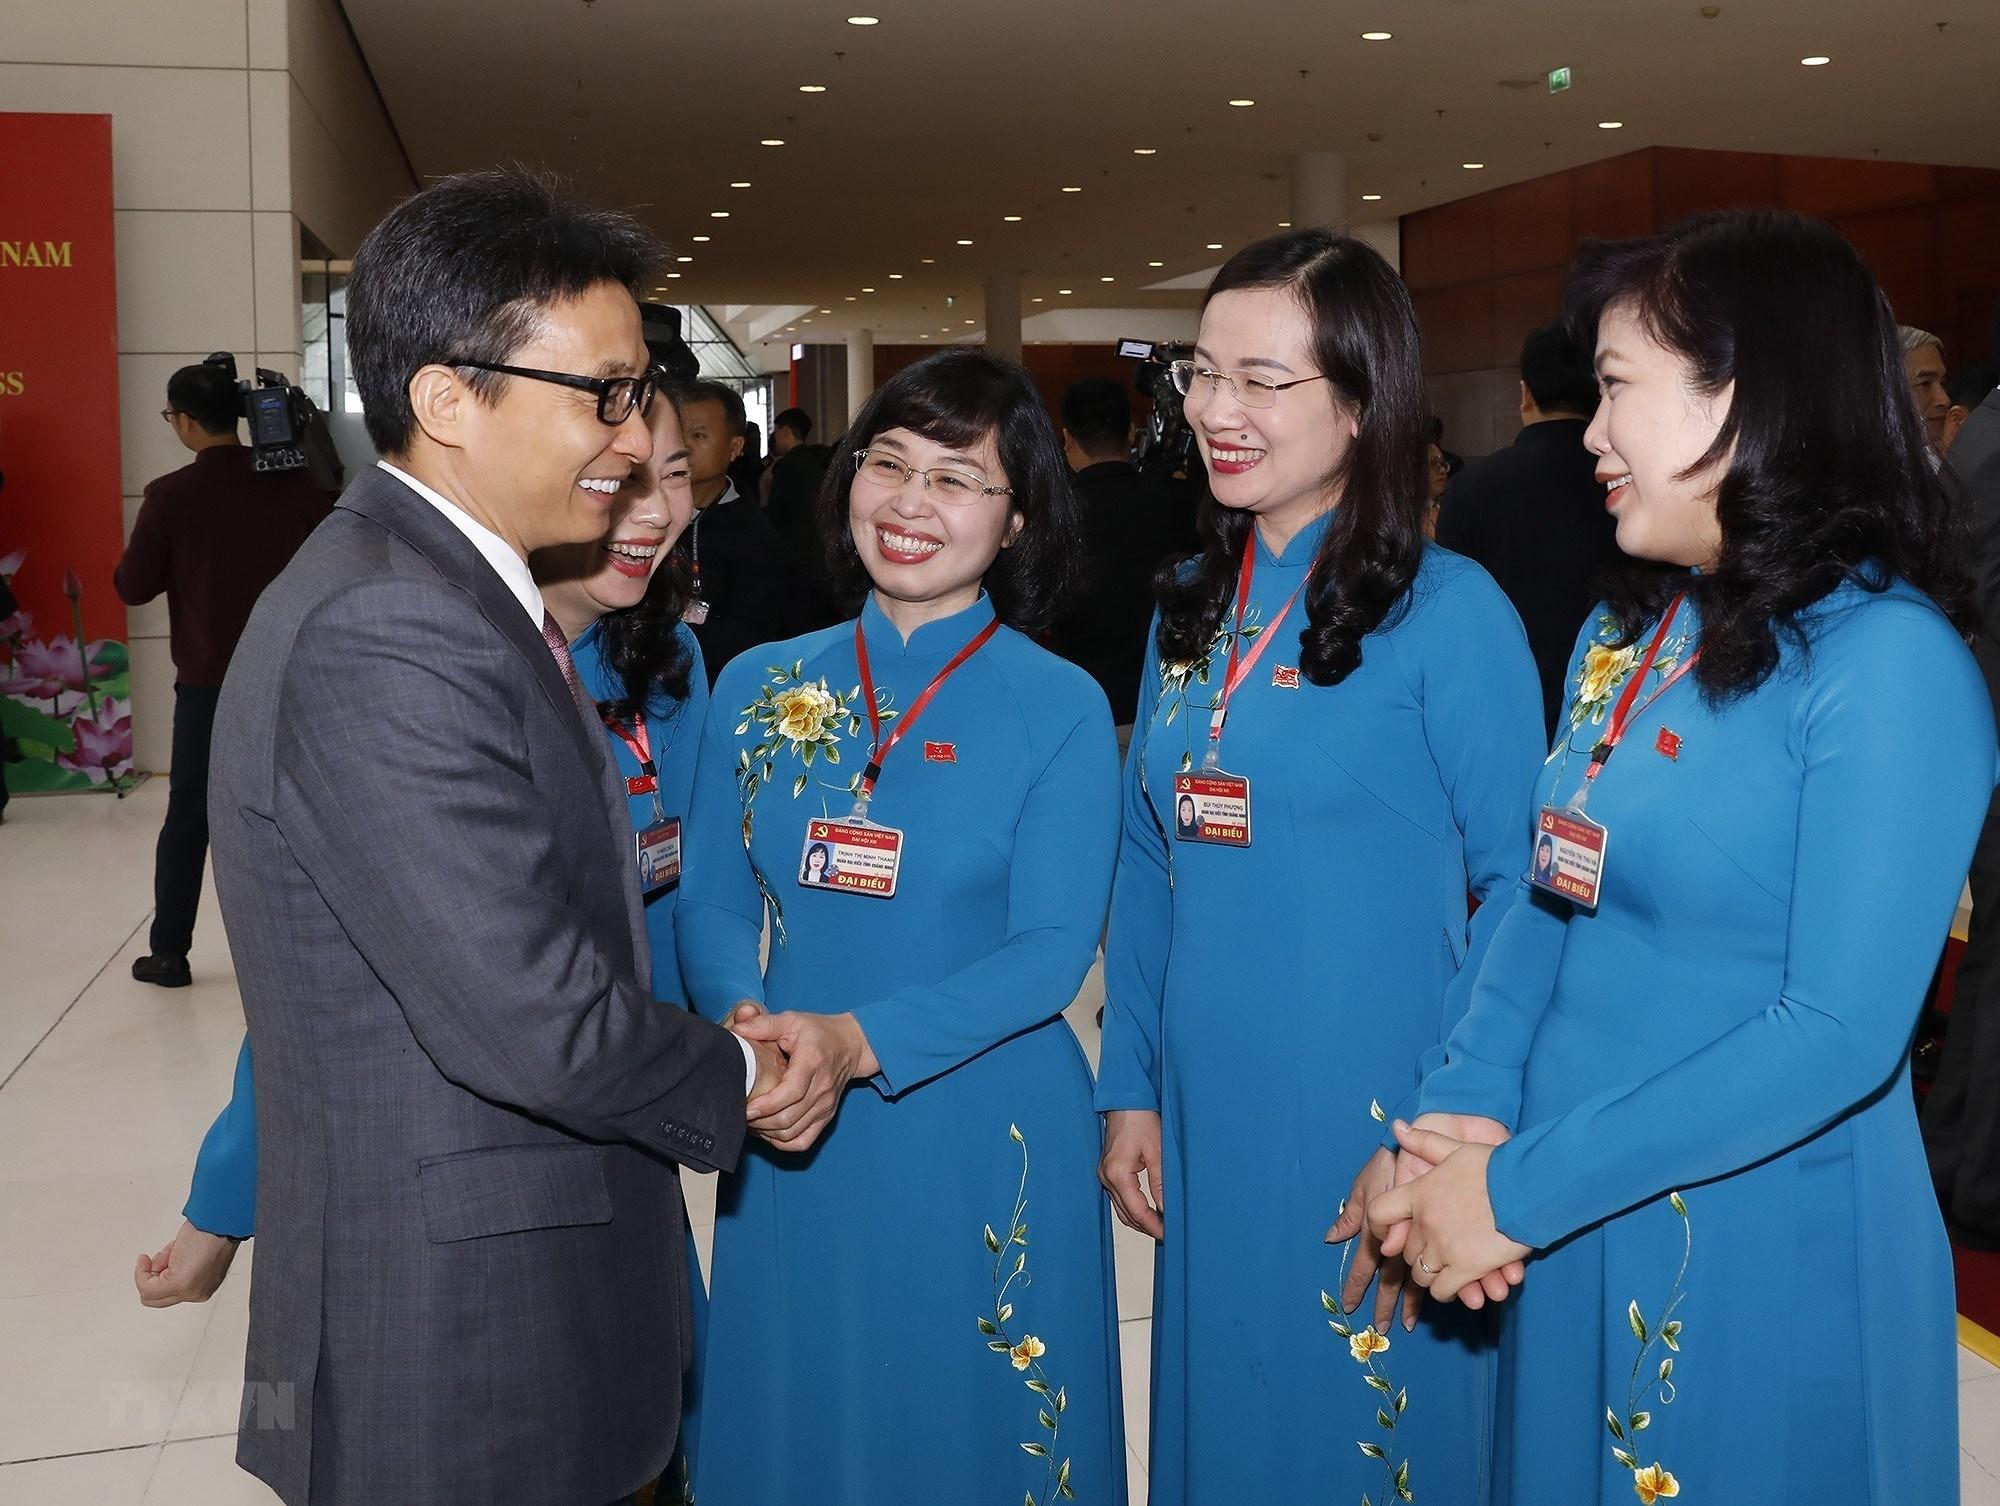 [Photo] 222 dai bieu nu tham du Dai hoi lan thu XIII cua Dang hinh anh 4